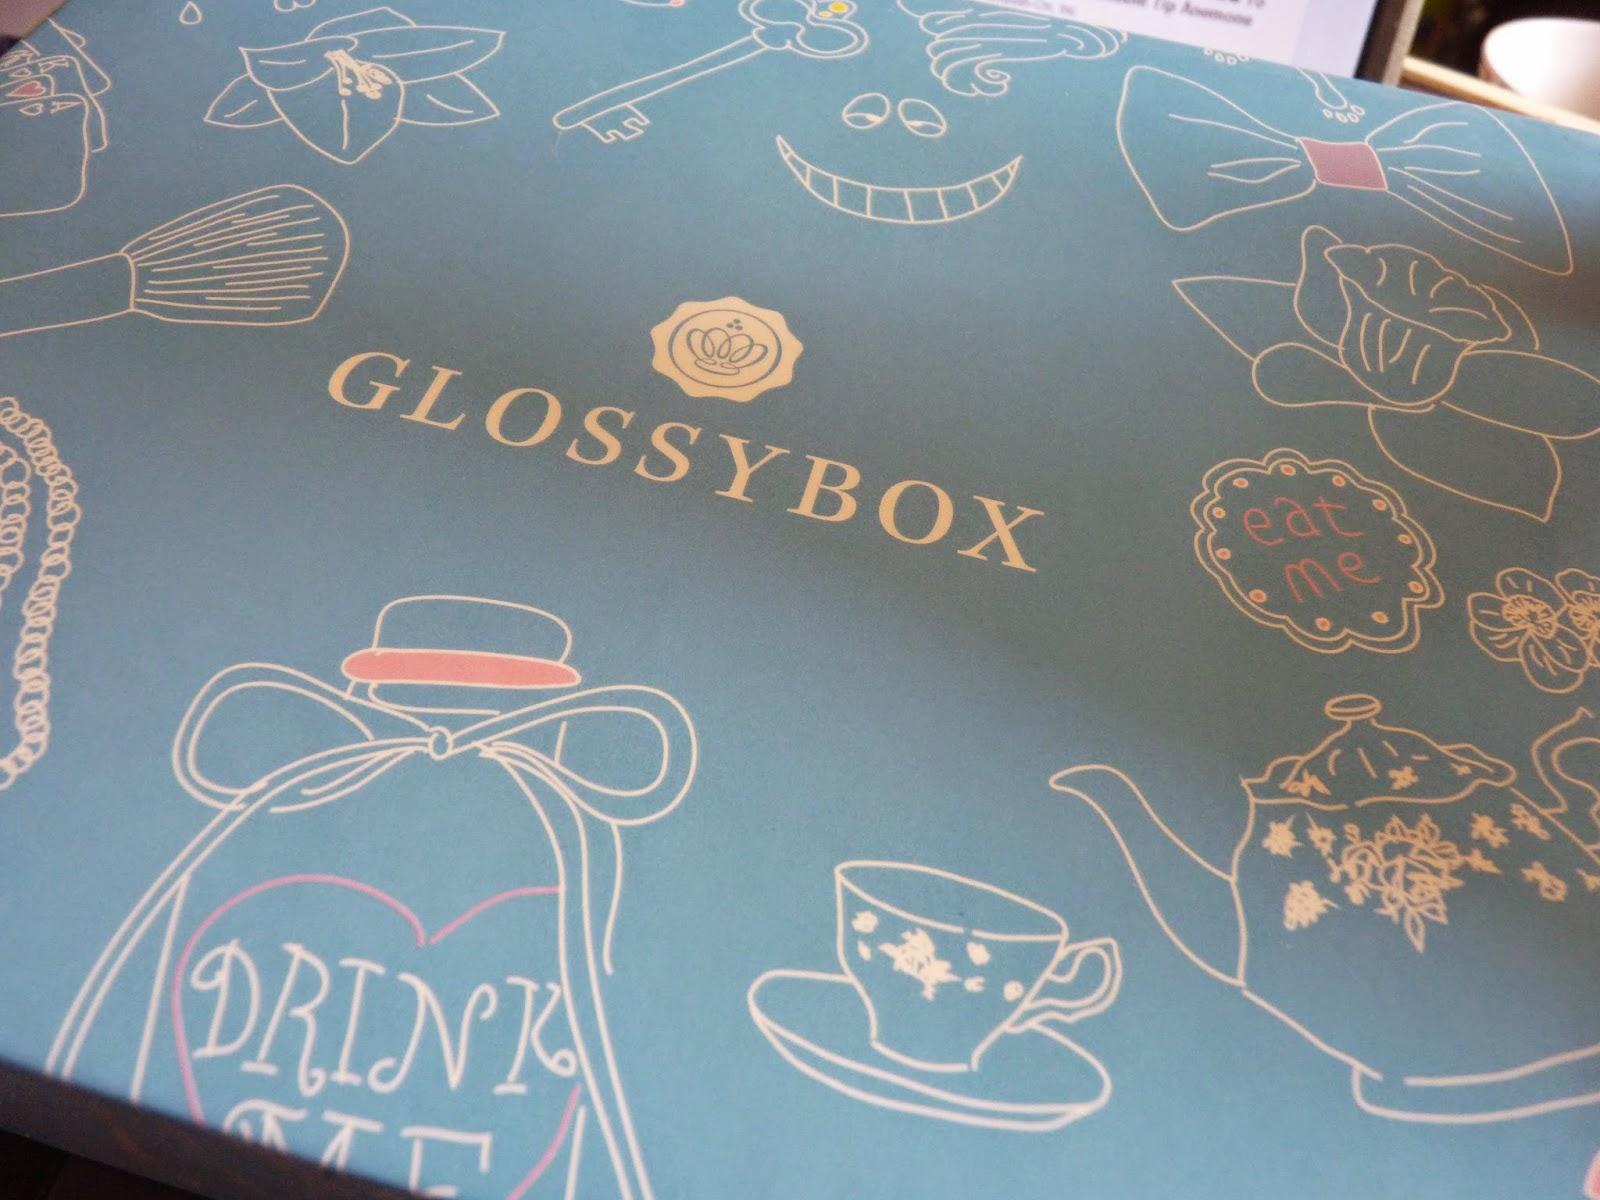 glossybox, avril 2015, alice au pays des merveille, lapin blanc, temps, pressé, dessins